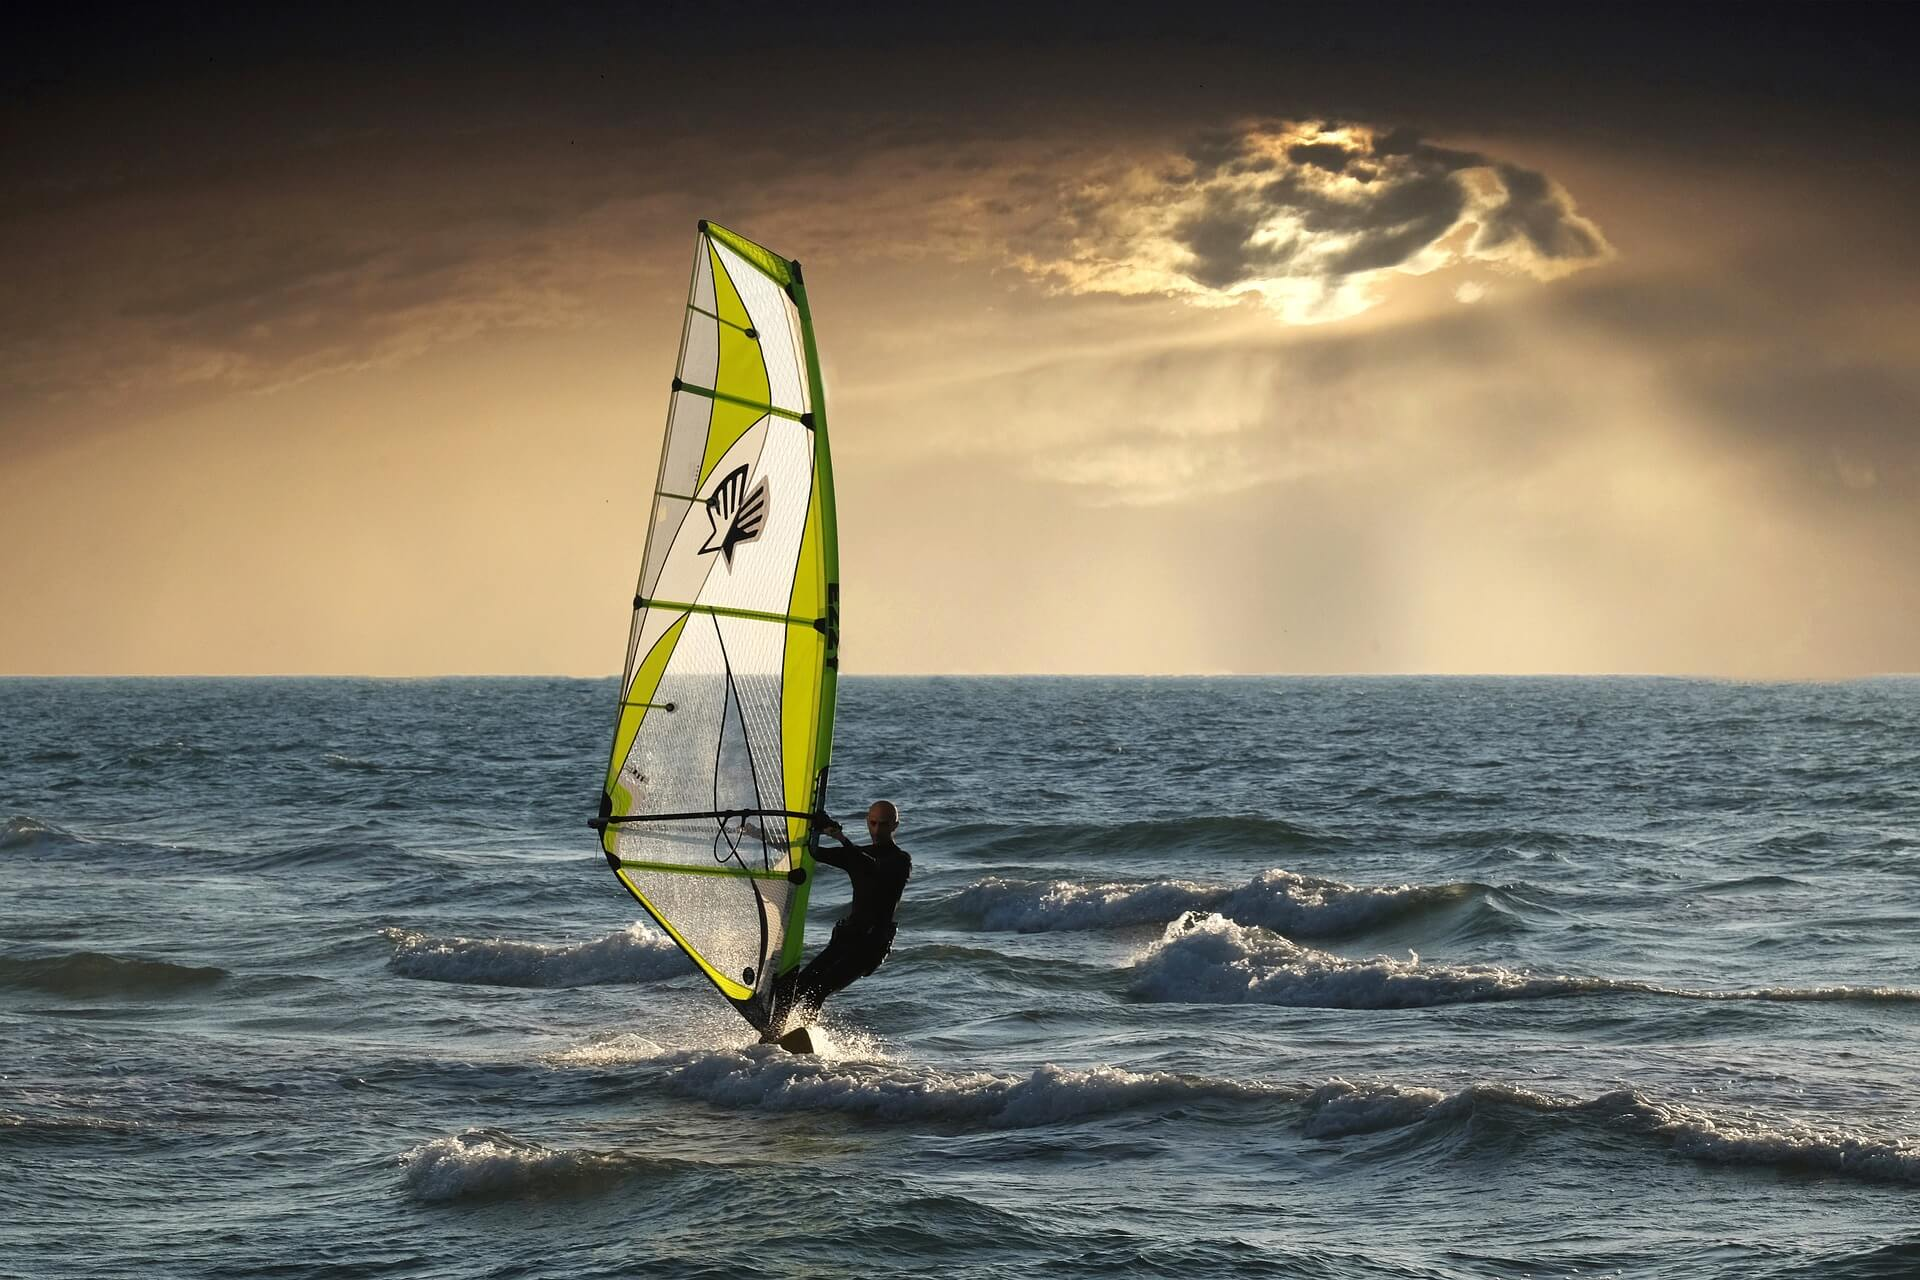 windsurfing-2298647_1920